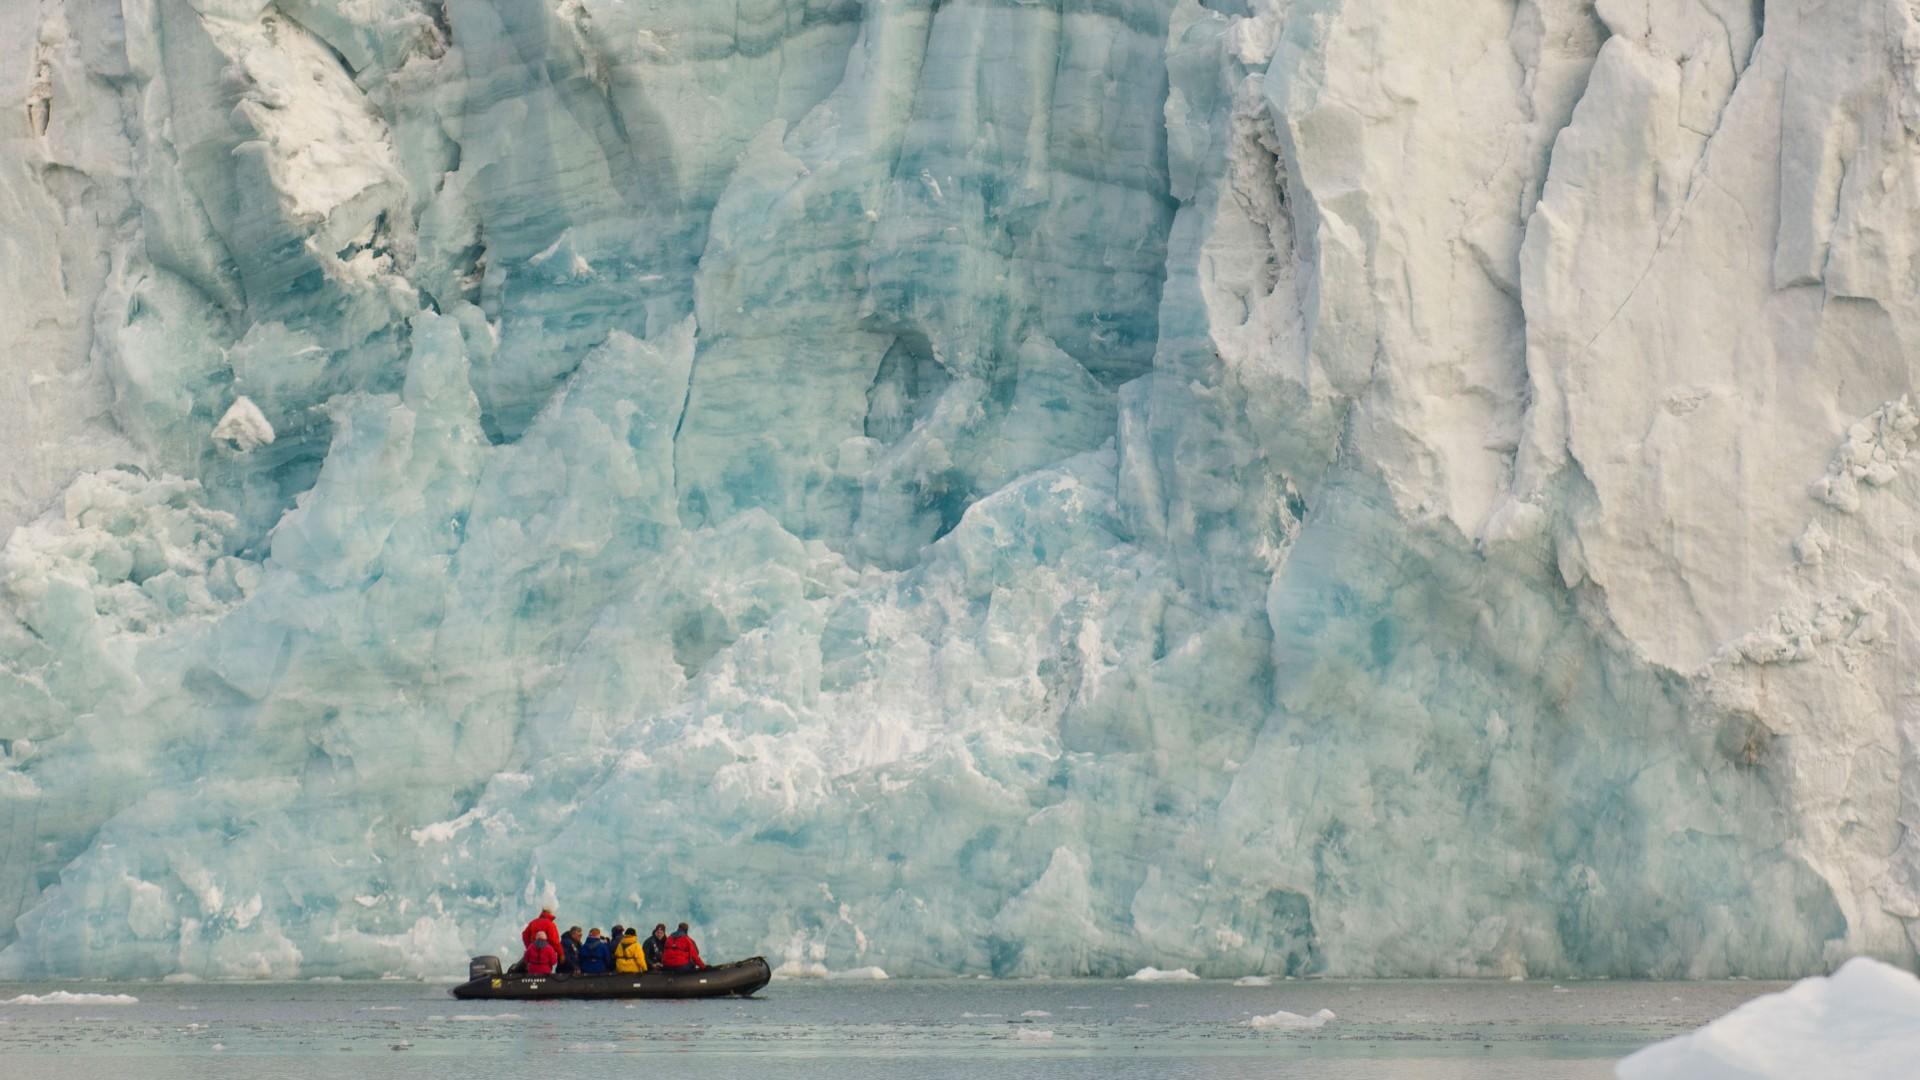 Zodiac in front of the Samarinbreen Glacier, Hornsund, Spitsbergen Island, Svalbard Archipelago, Norway